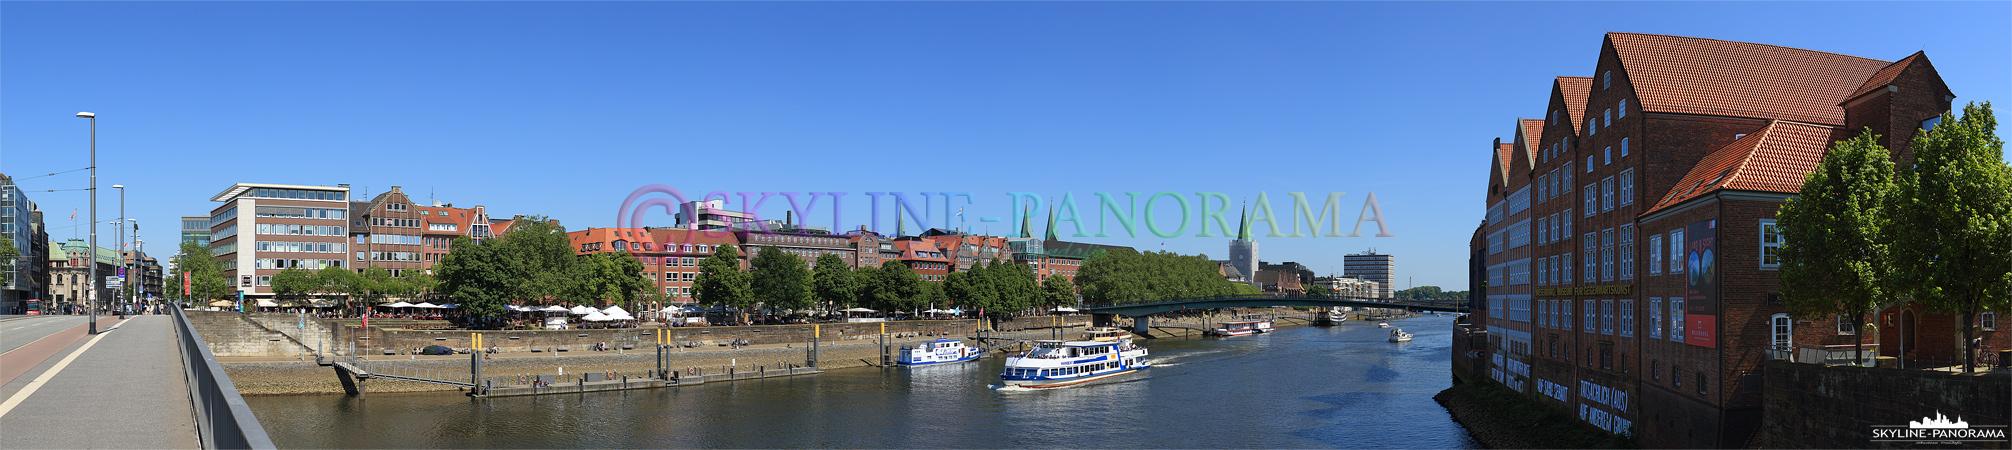 Hansestadt Bremen - Panoramablick von der Bürgermeister-Smidt-Brücke auf die Weserpromenade, die Schlachte und die Altstadt von Bremen.